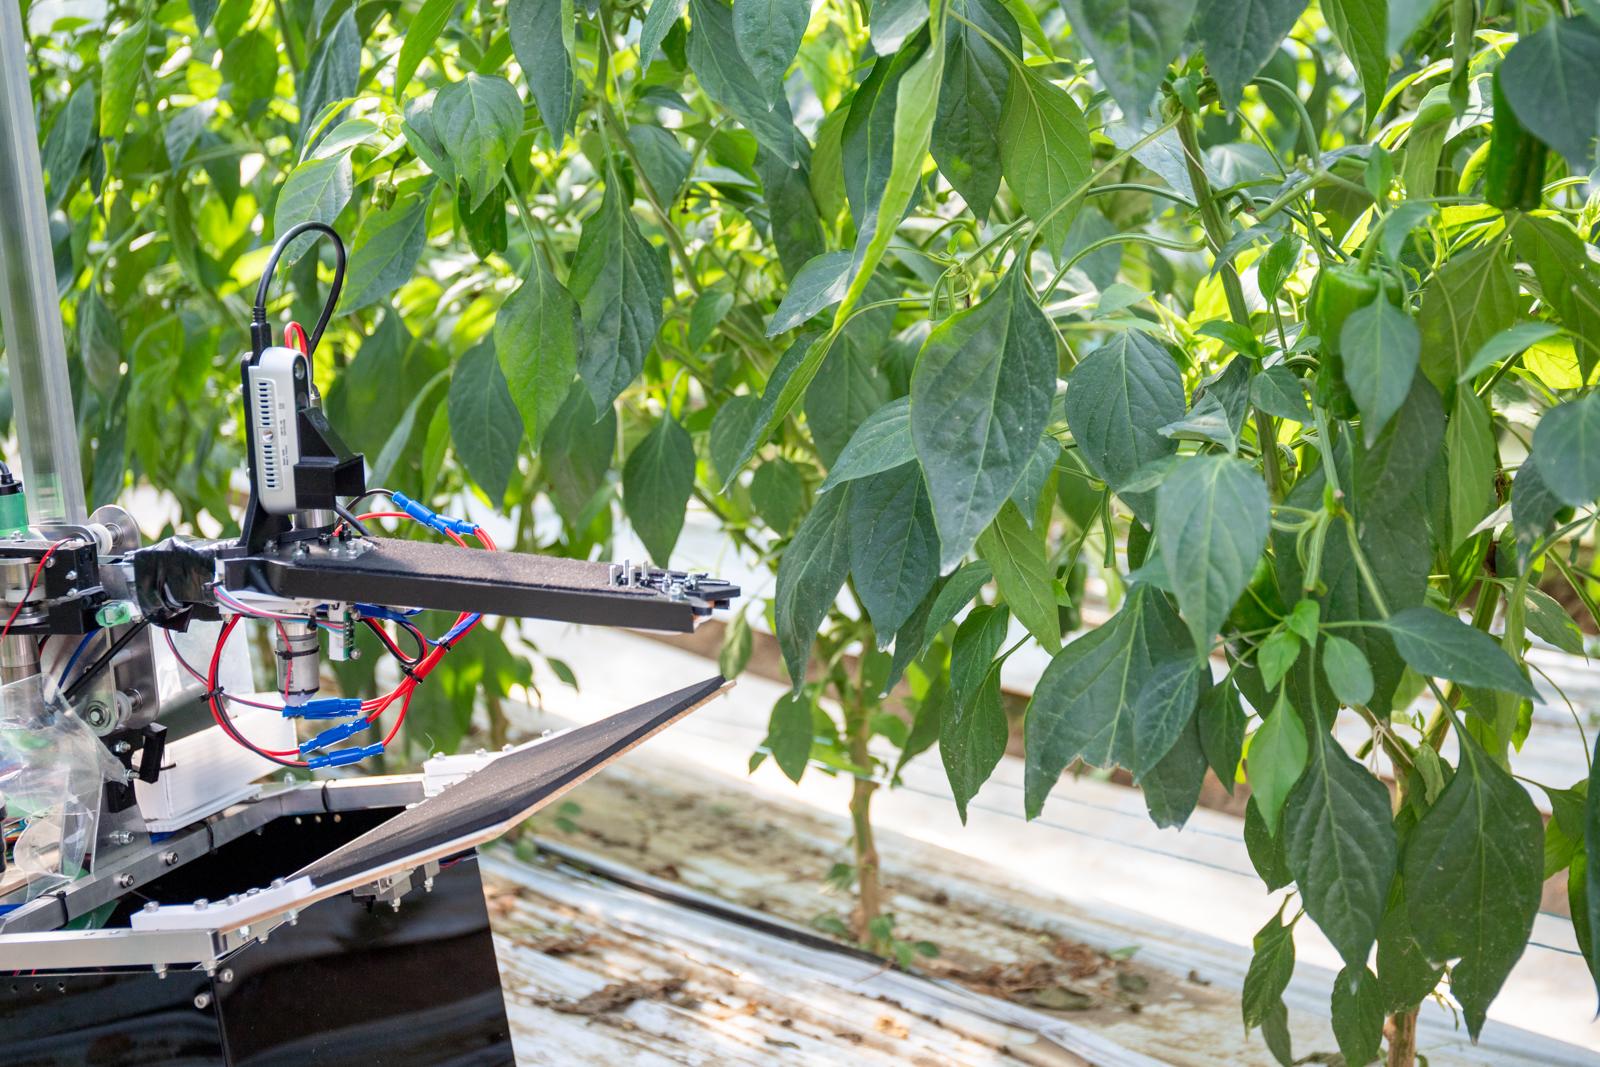 ビニールハウス内を吊り下げで移動する自動収穫ロボット